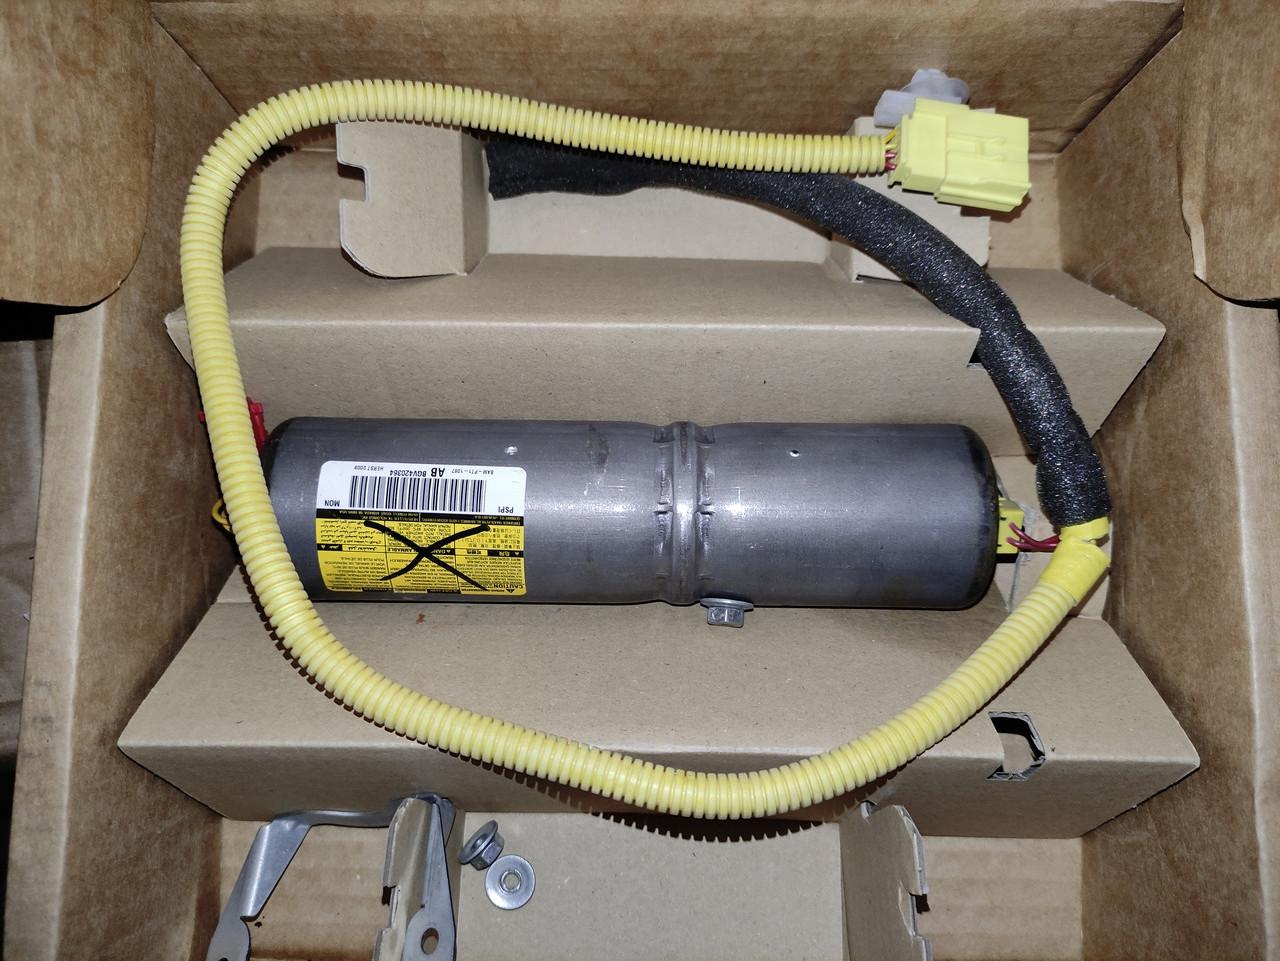 Комплект газогенератора подушки Toyota Avensis 04007-16905. Пиропатрон TOYOTA 04007-16905 INFLATOR Assy Kit